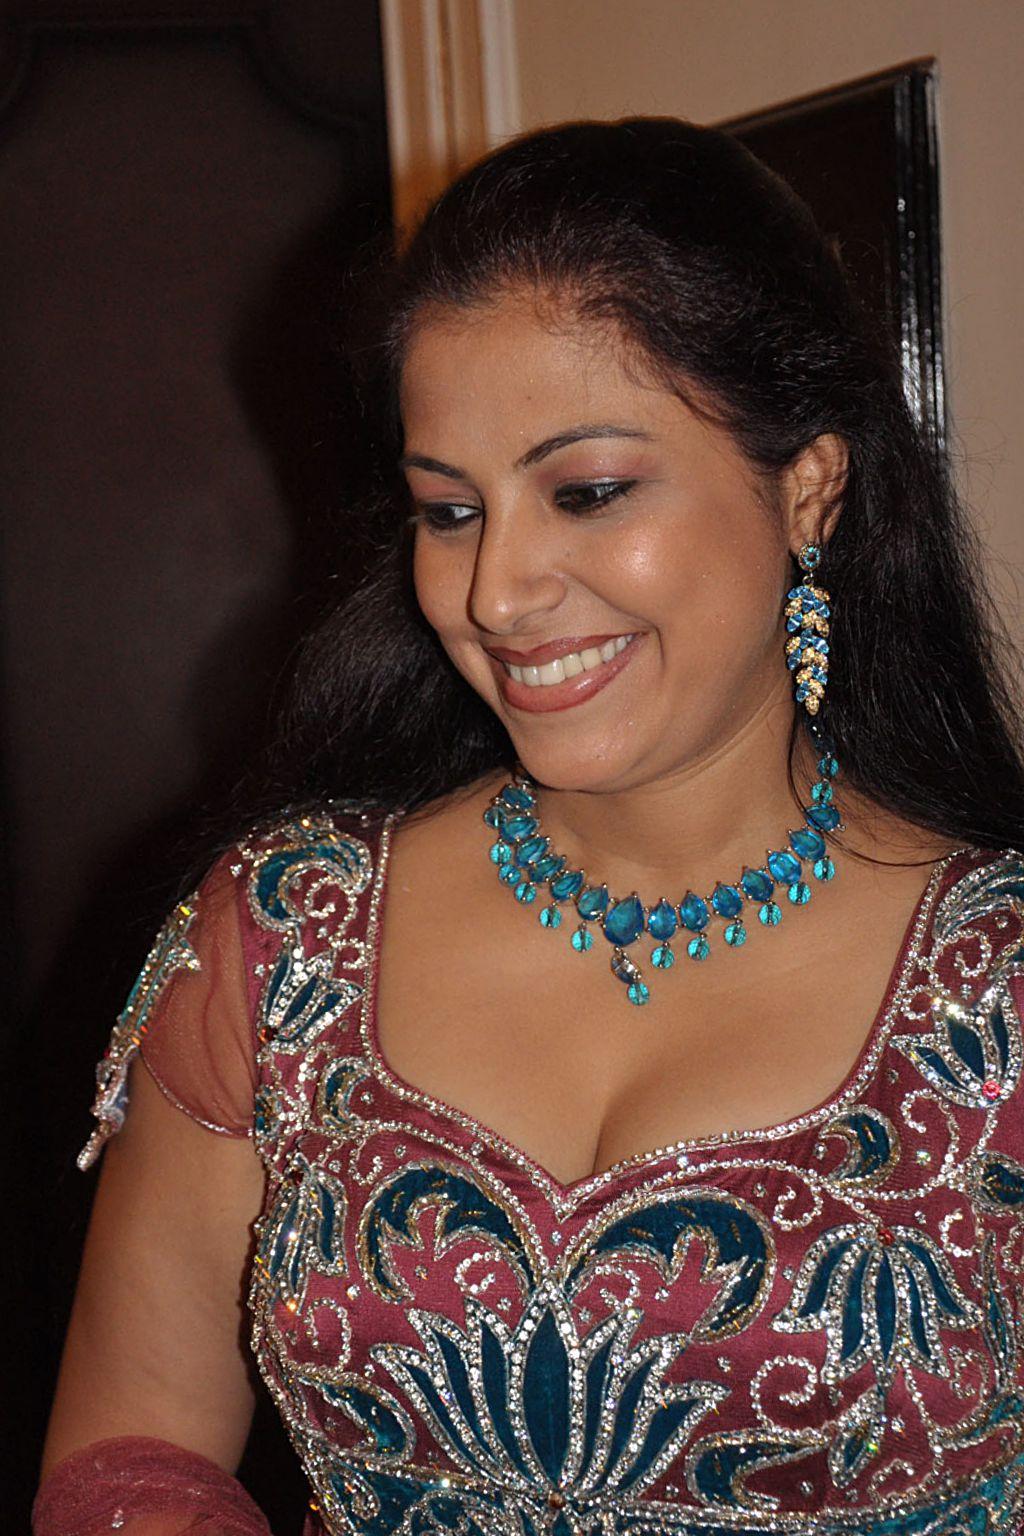 actress vj anusha dandekar Photos - The Times of India ...